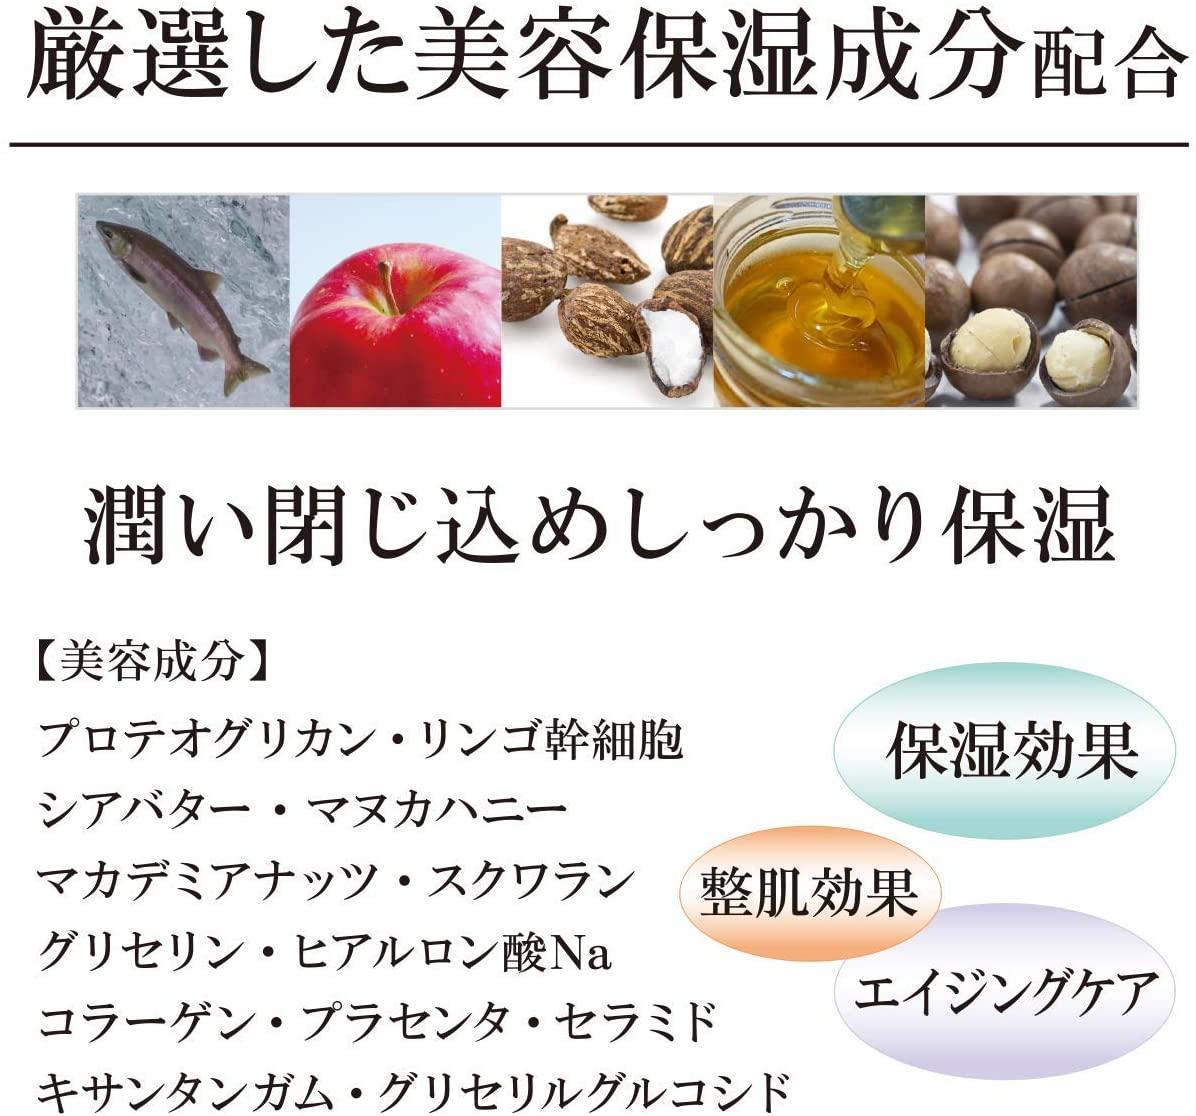 世田谷コスメ(Setagaya COSME) モイストリッチフェイスクリームの商品画像4